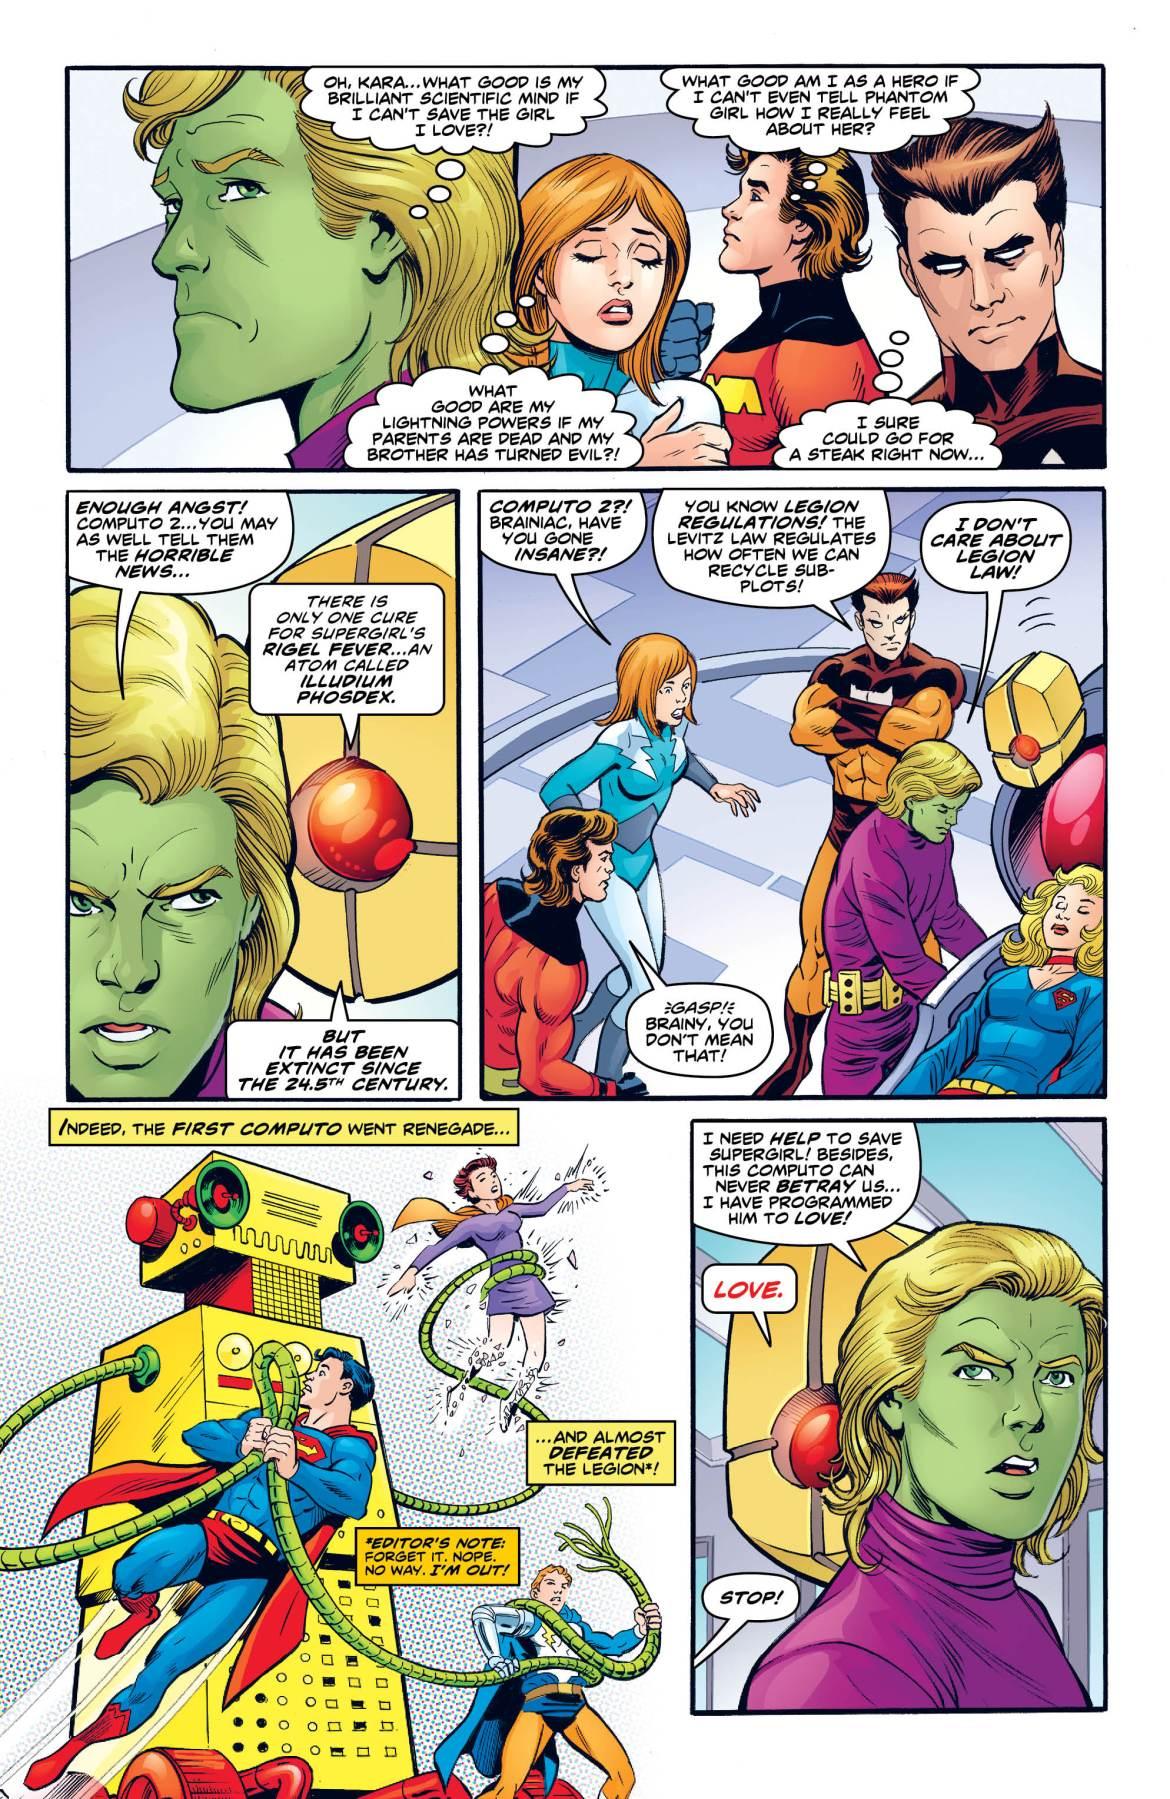 Legion of Super-Heroes Bugs Bunny 3 -DC Comics News